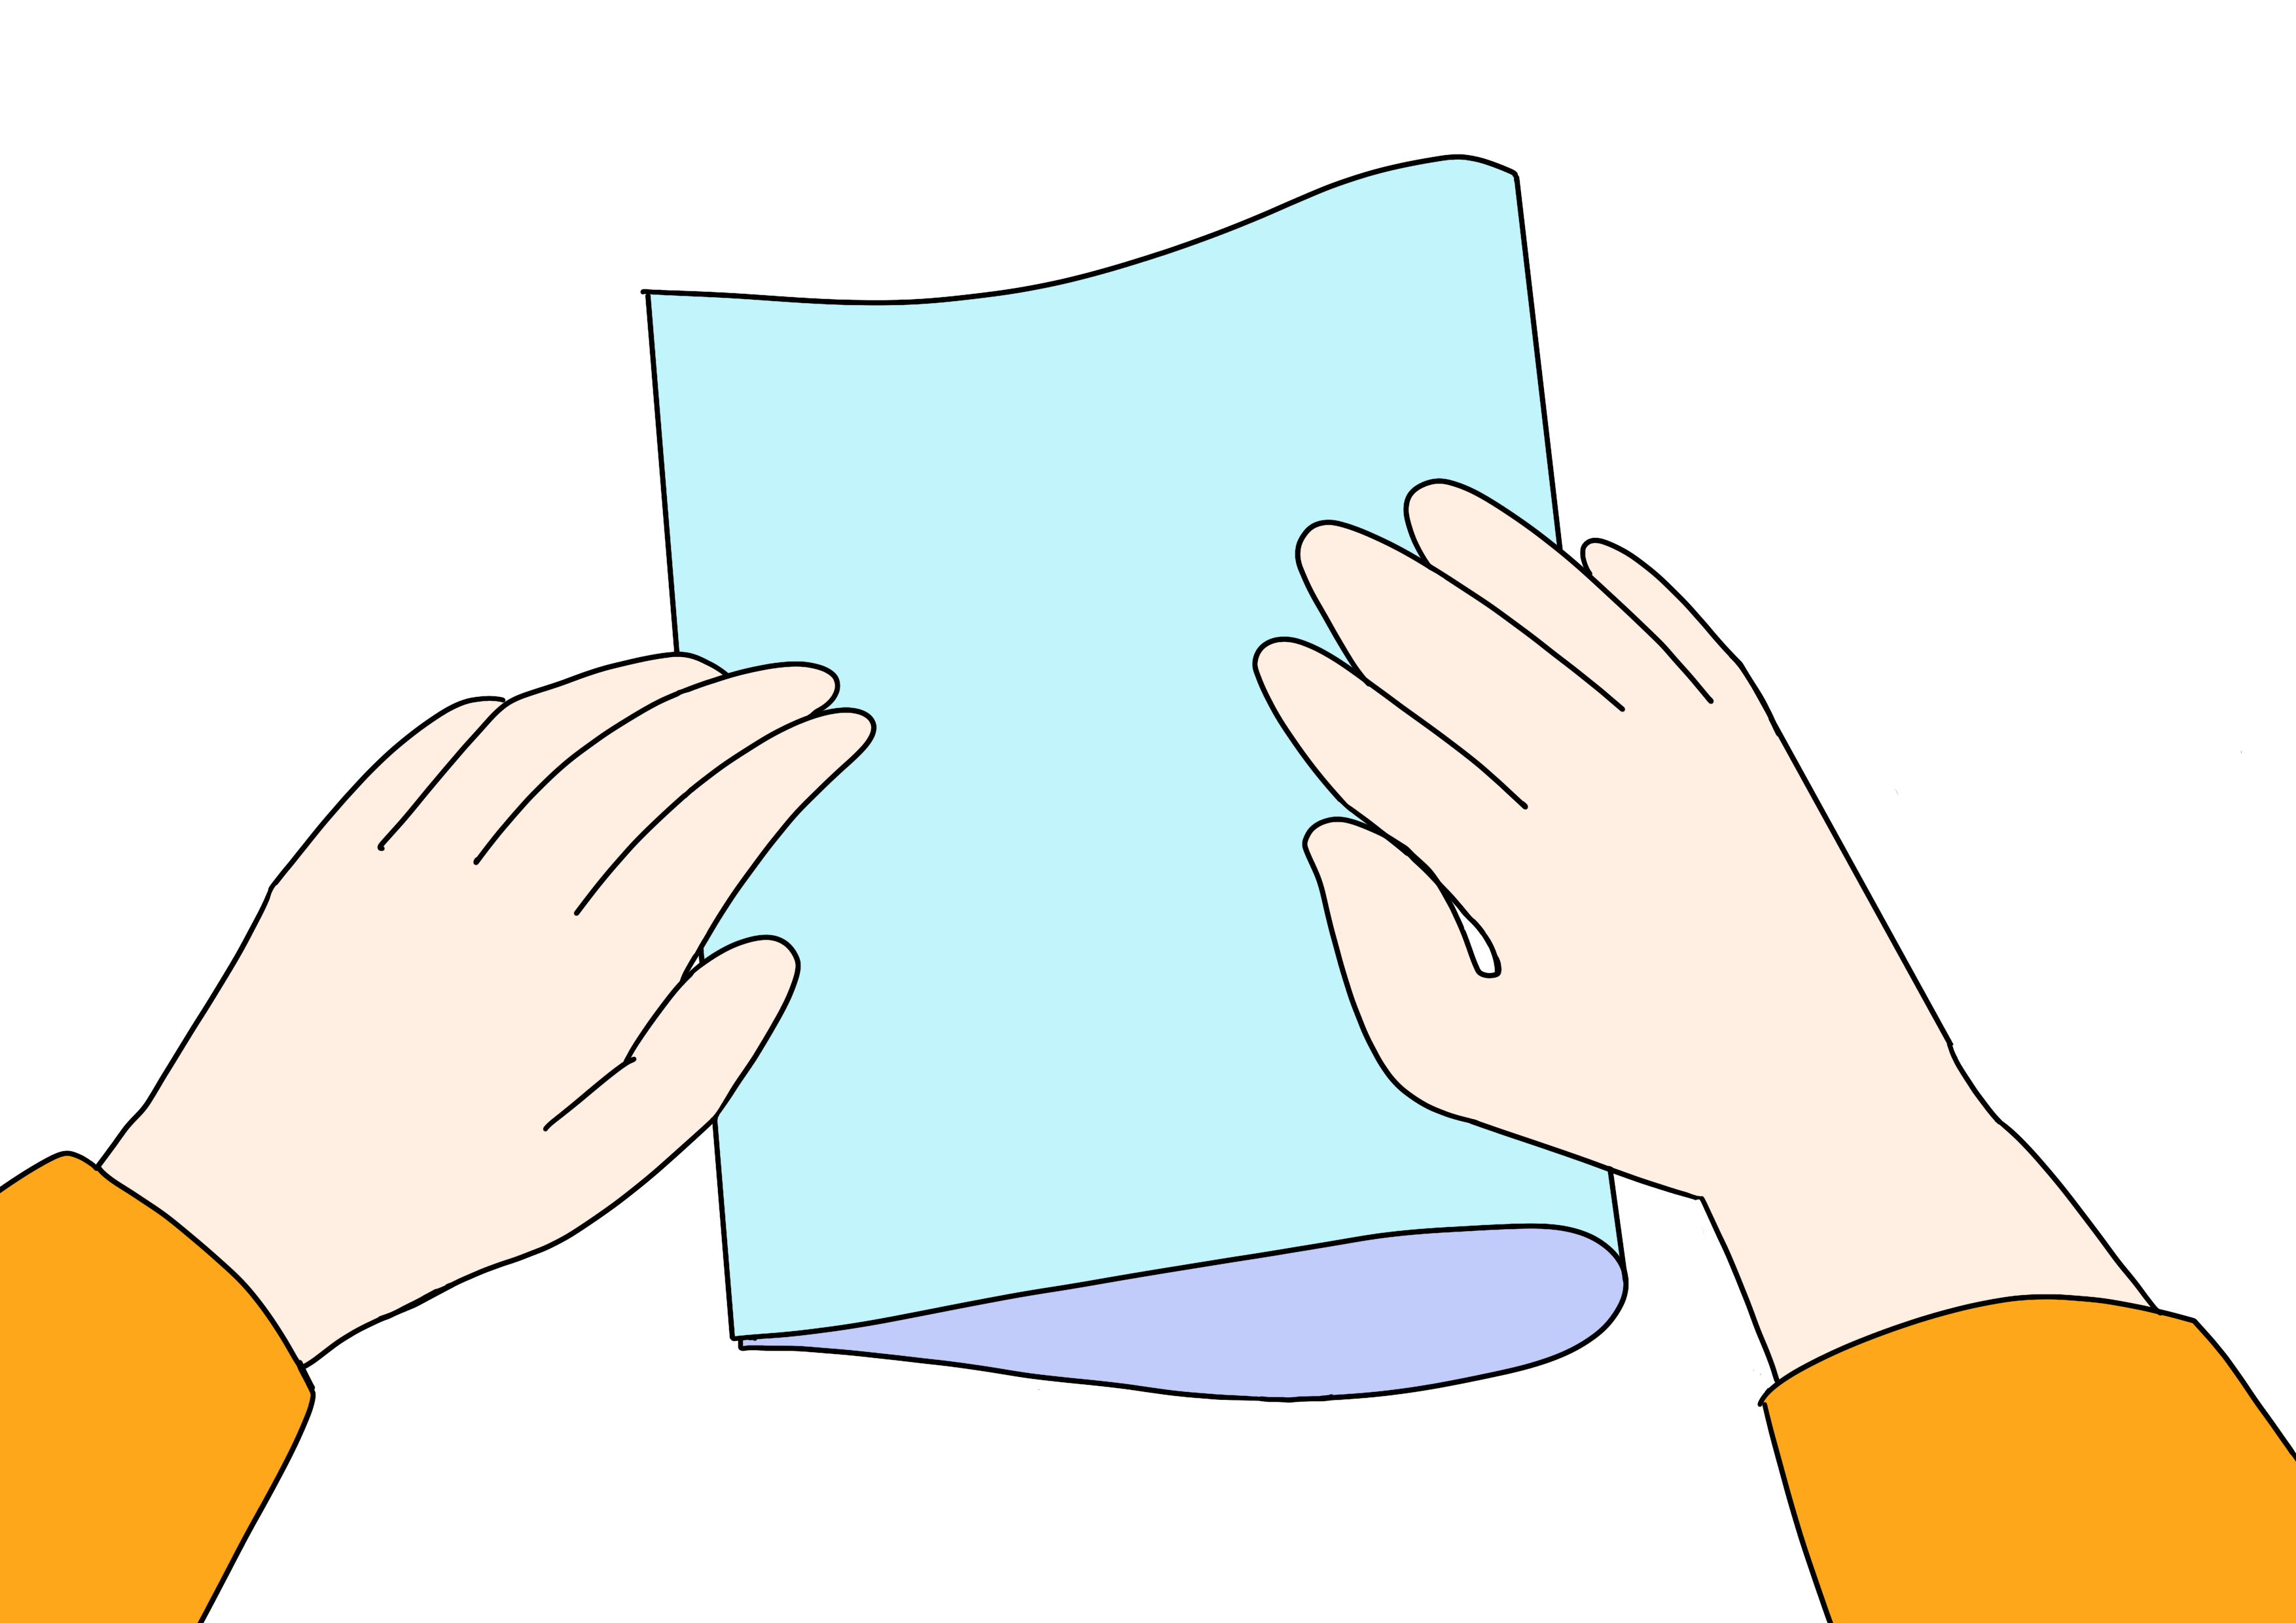 34課イラスト【紙を折る】